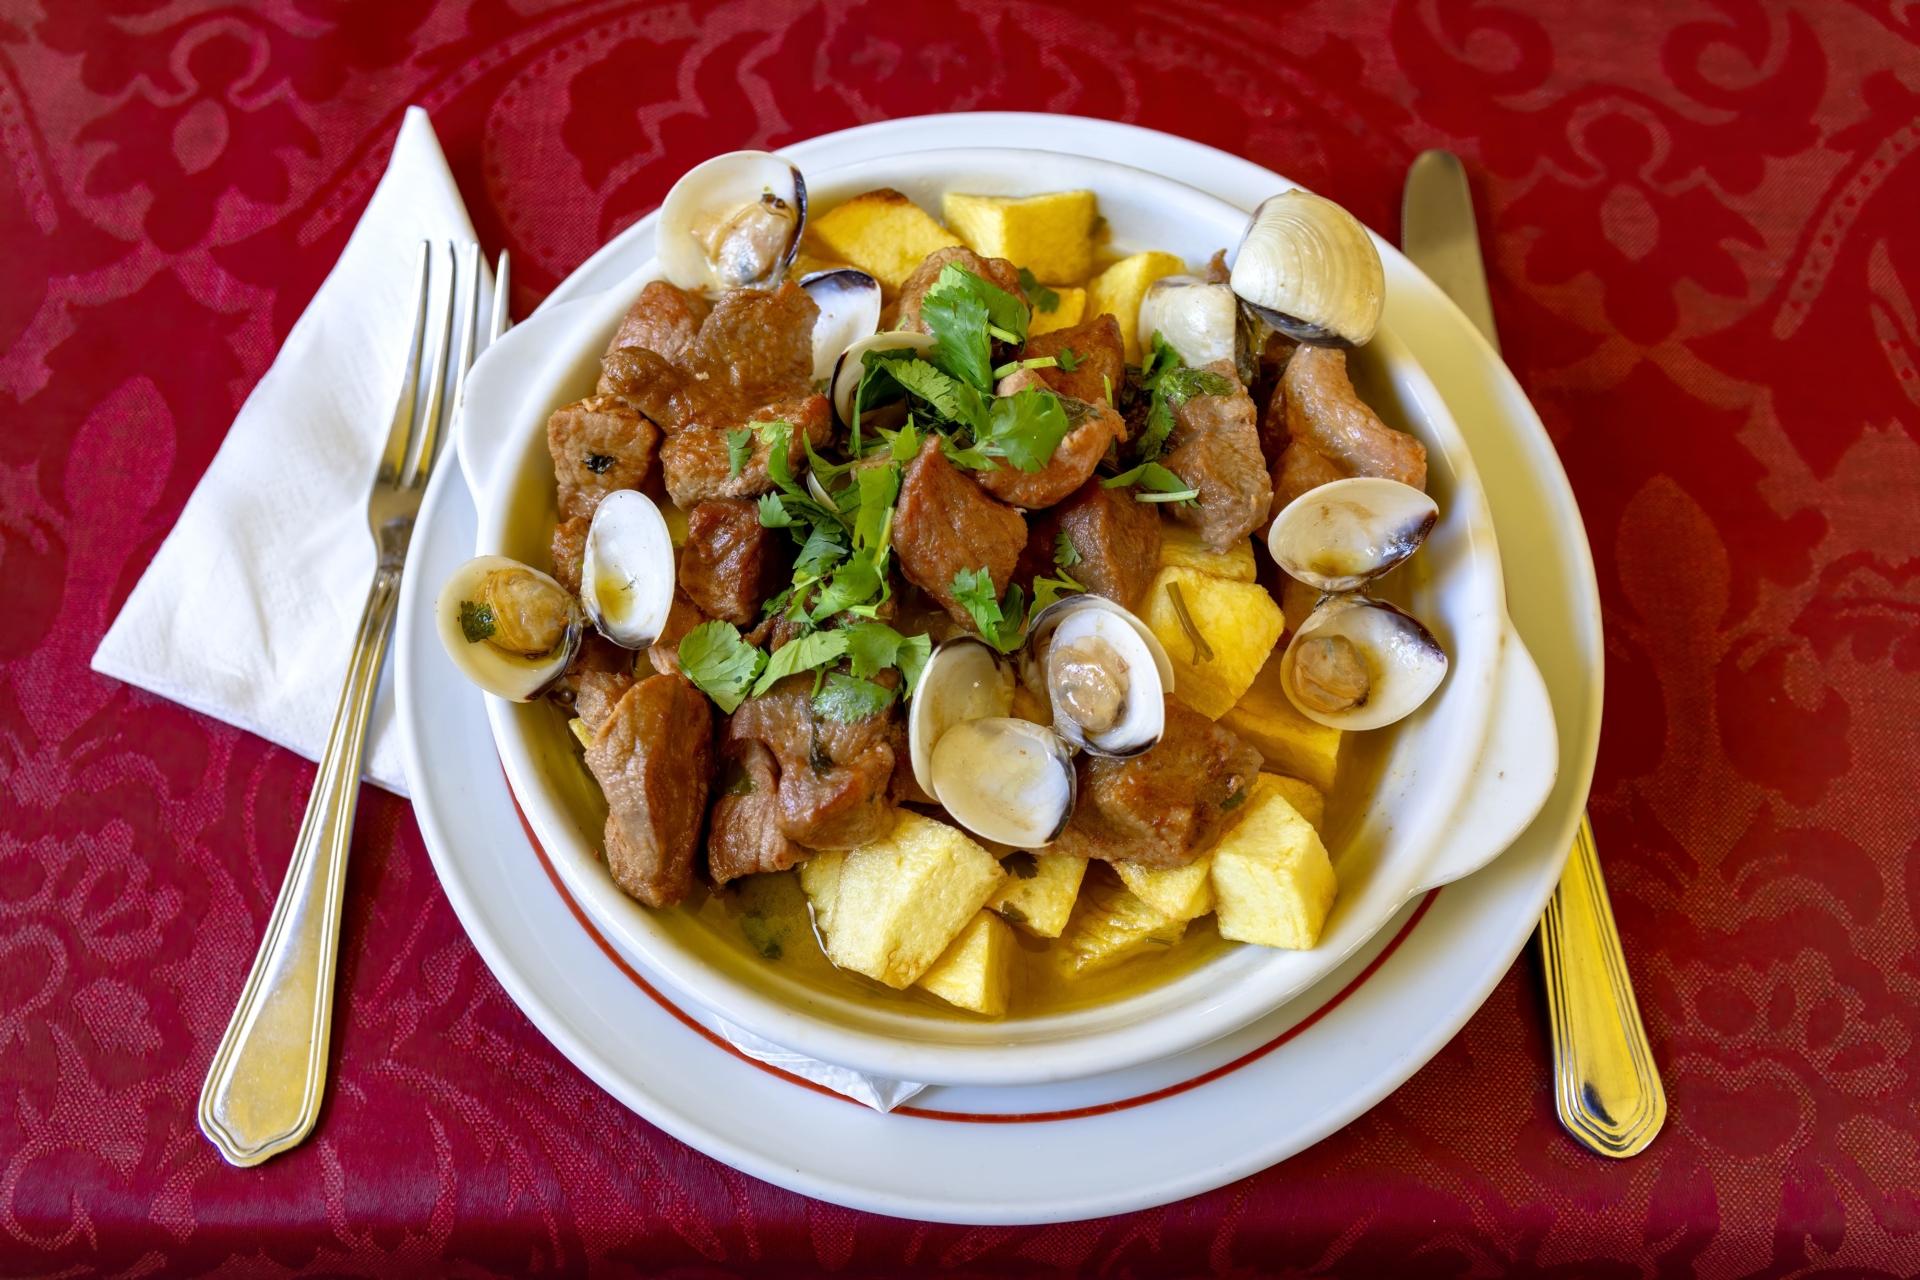 Carne de porco a alentejana du Portugal